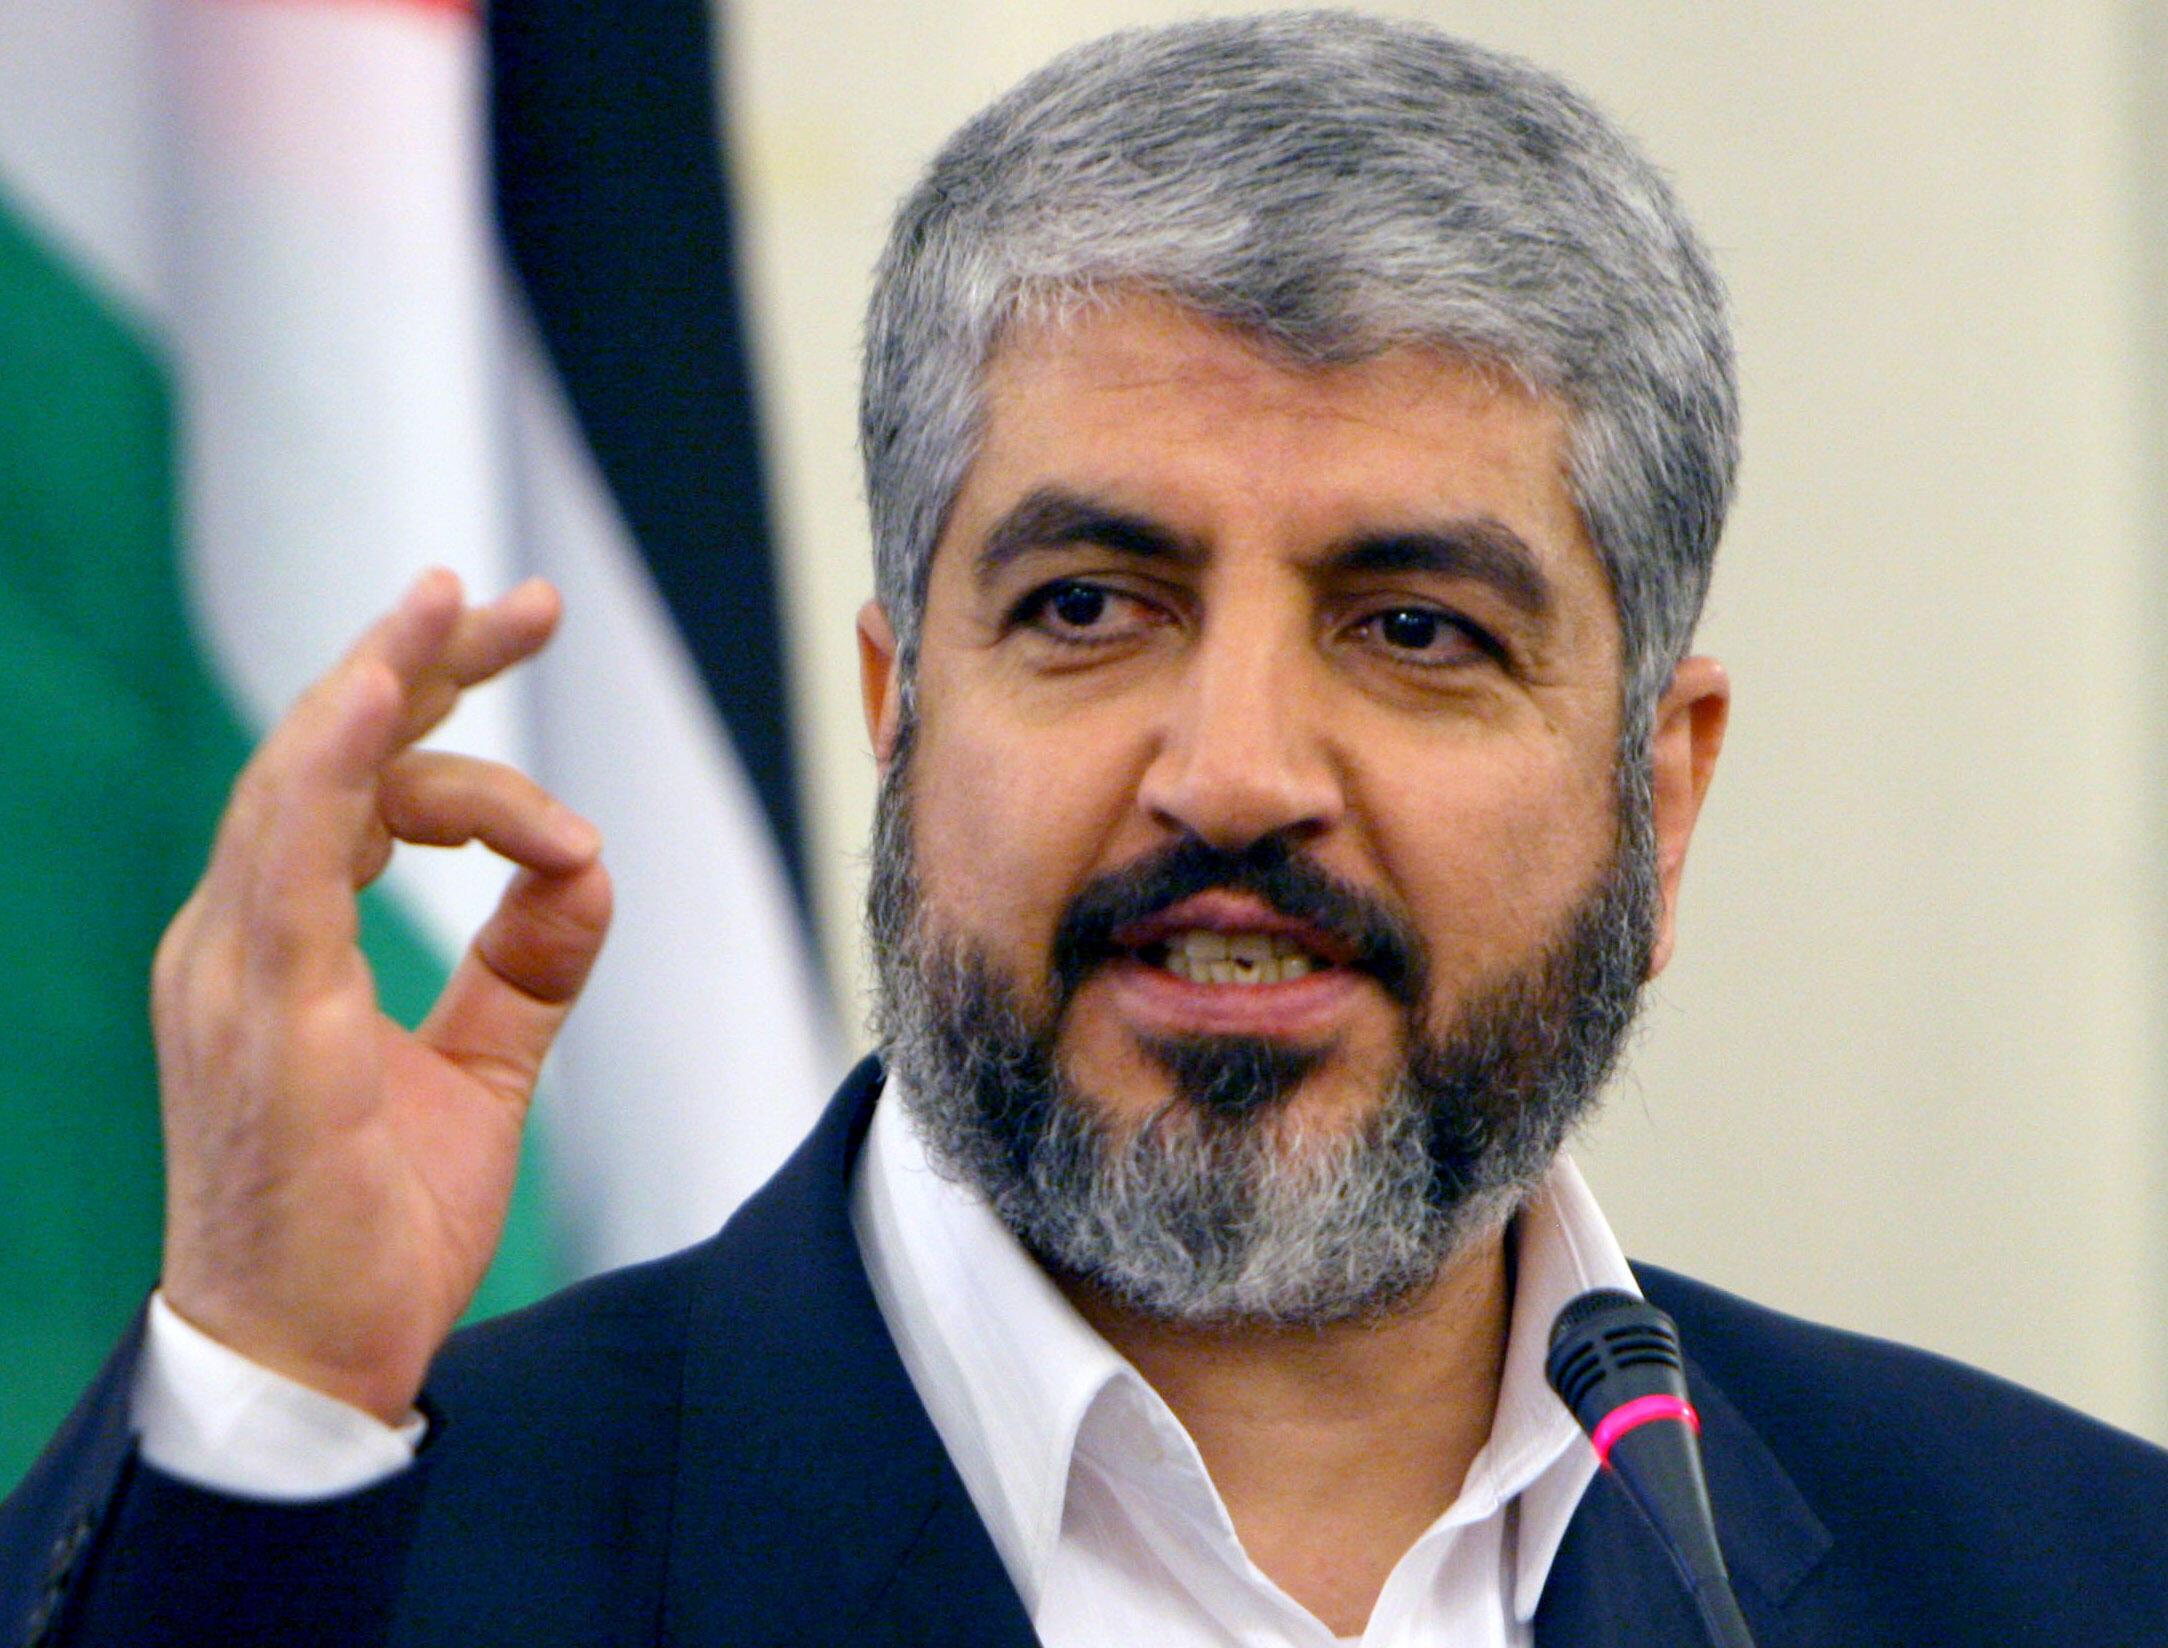 خالد مشعل، رهبر سیاسی سازمان حماس